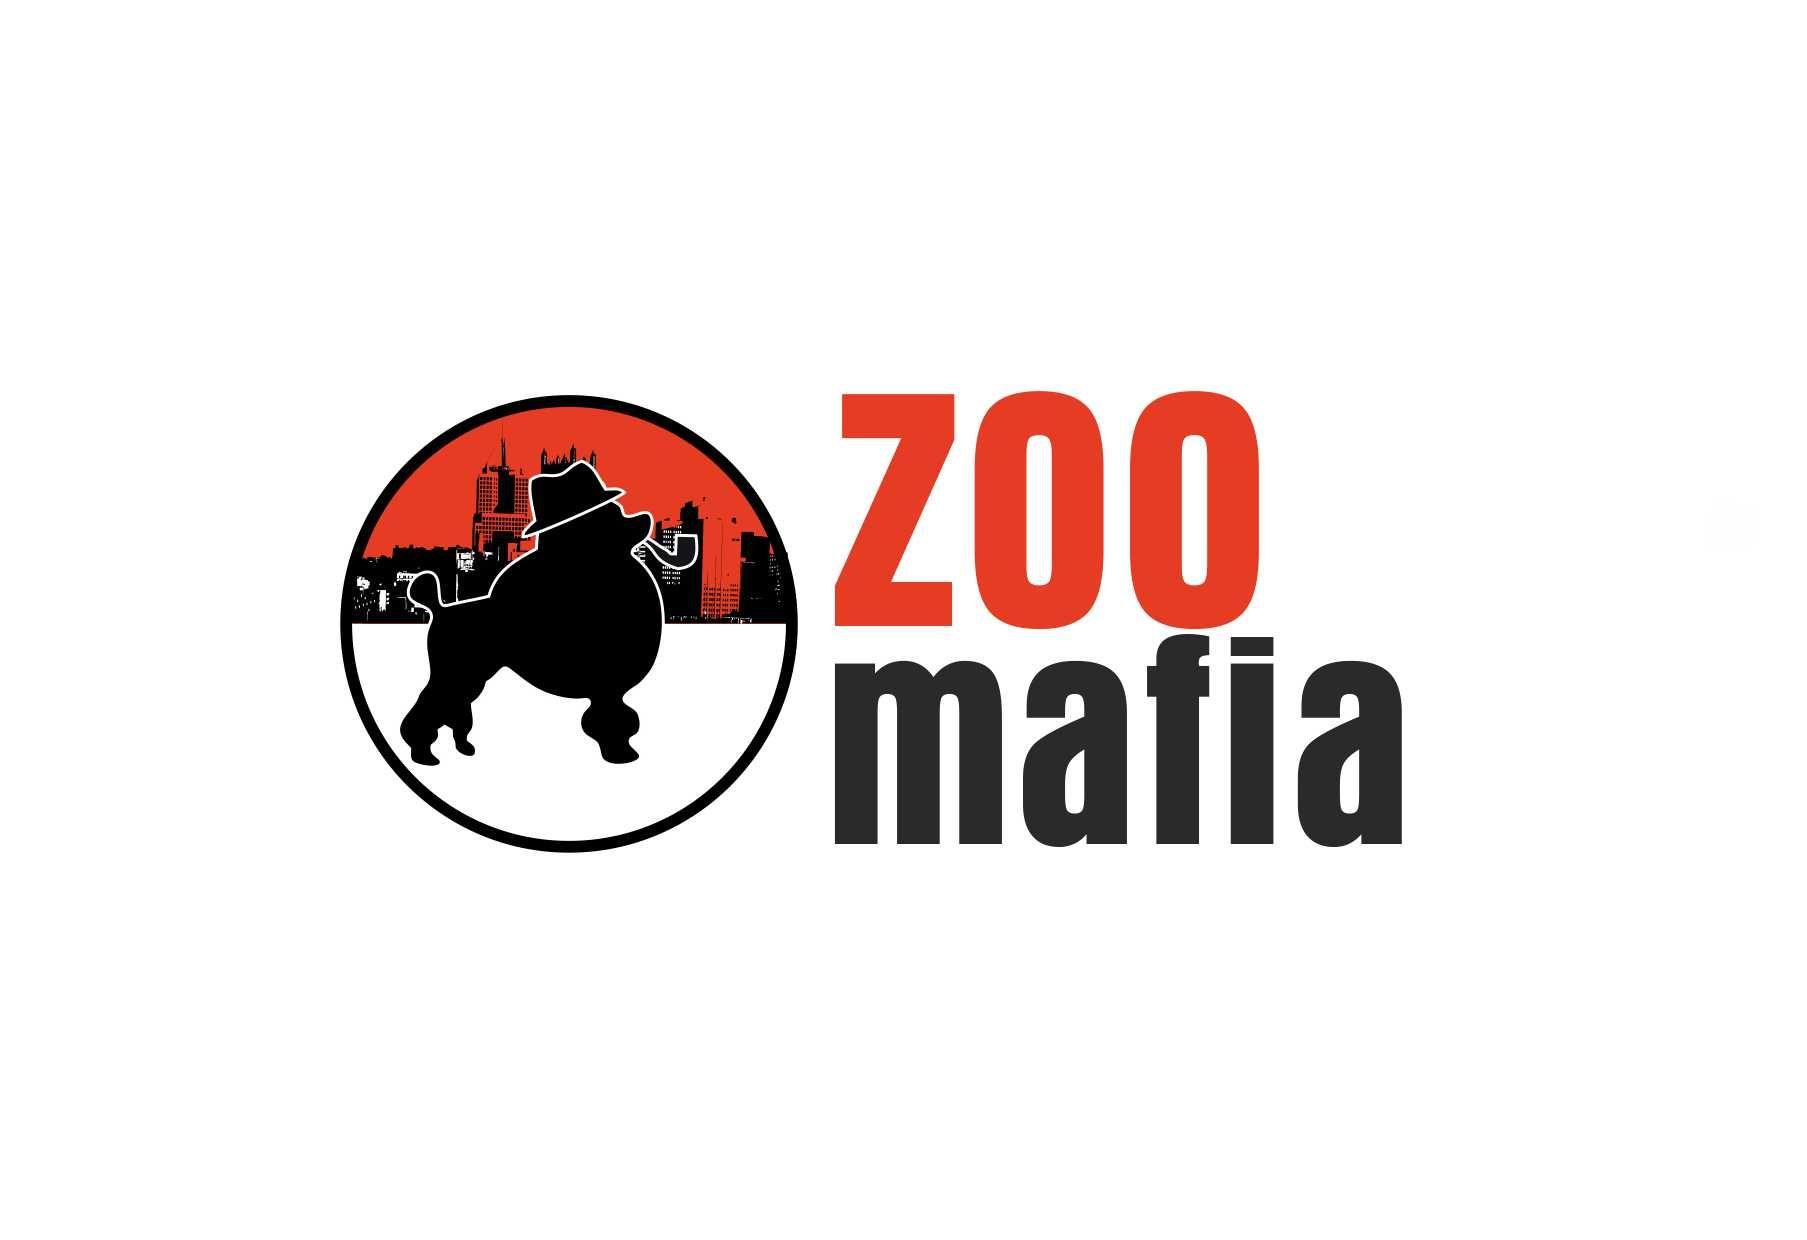 Логотип для интернет магазина зоотоваров - дизайнер toster108